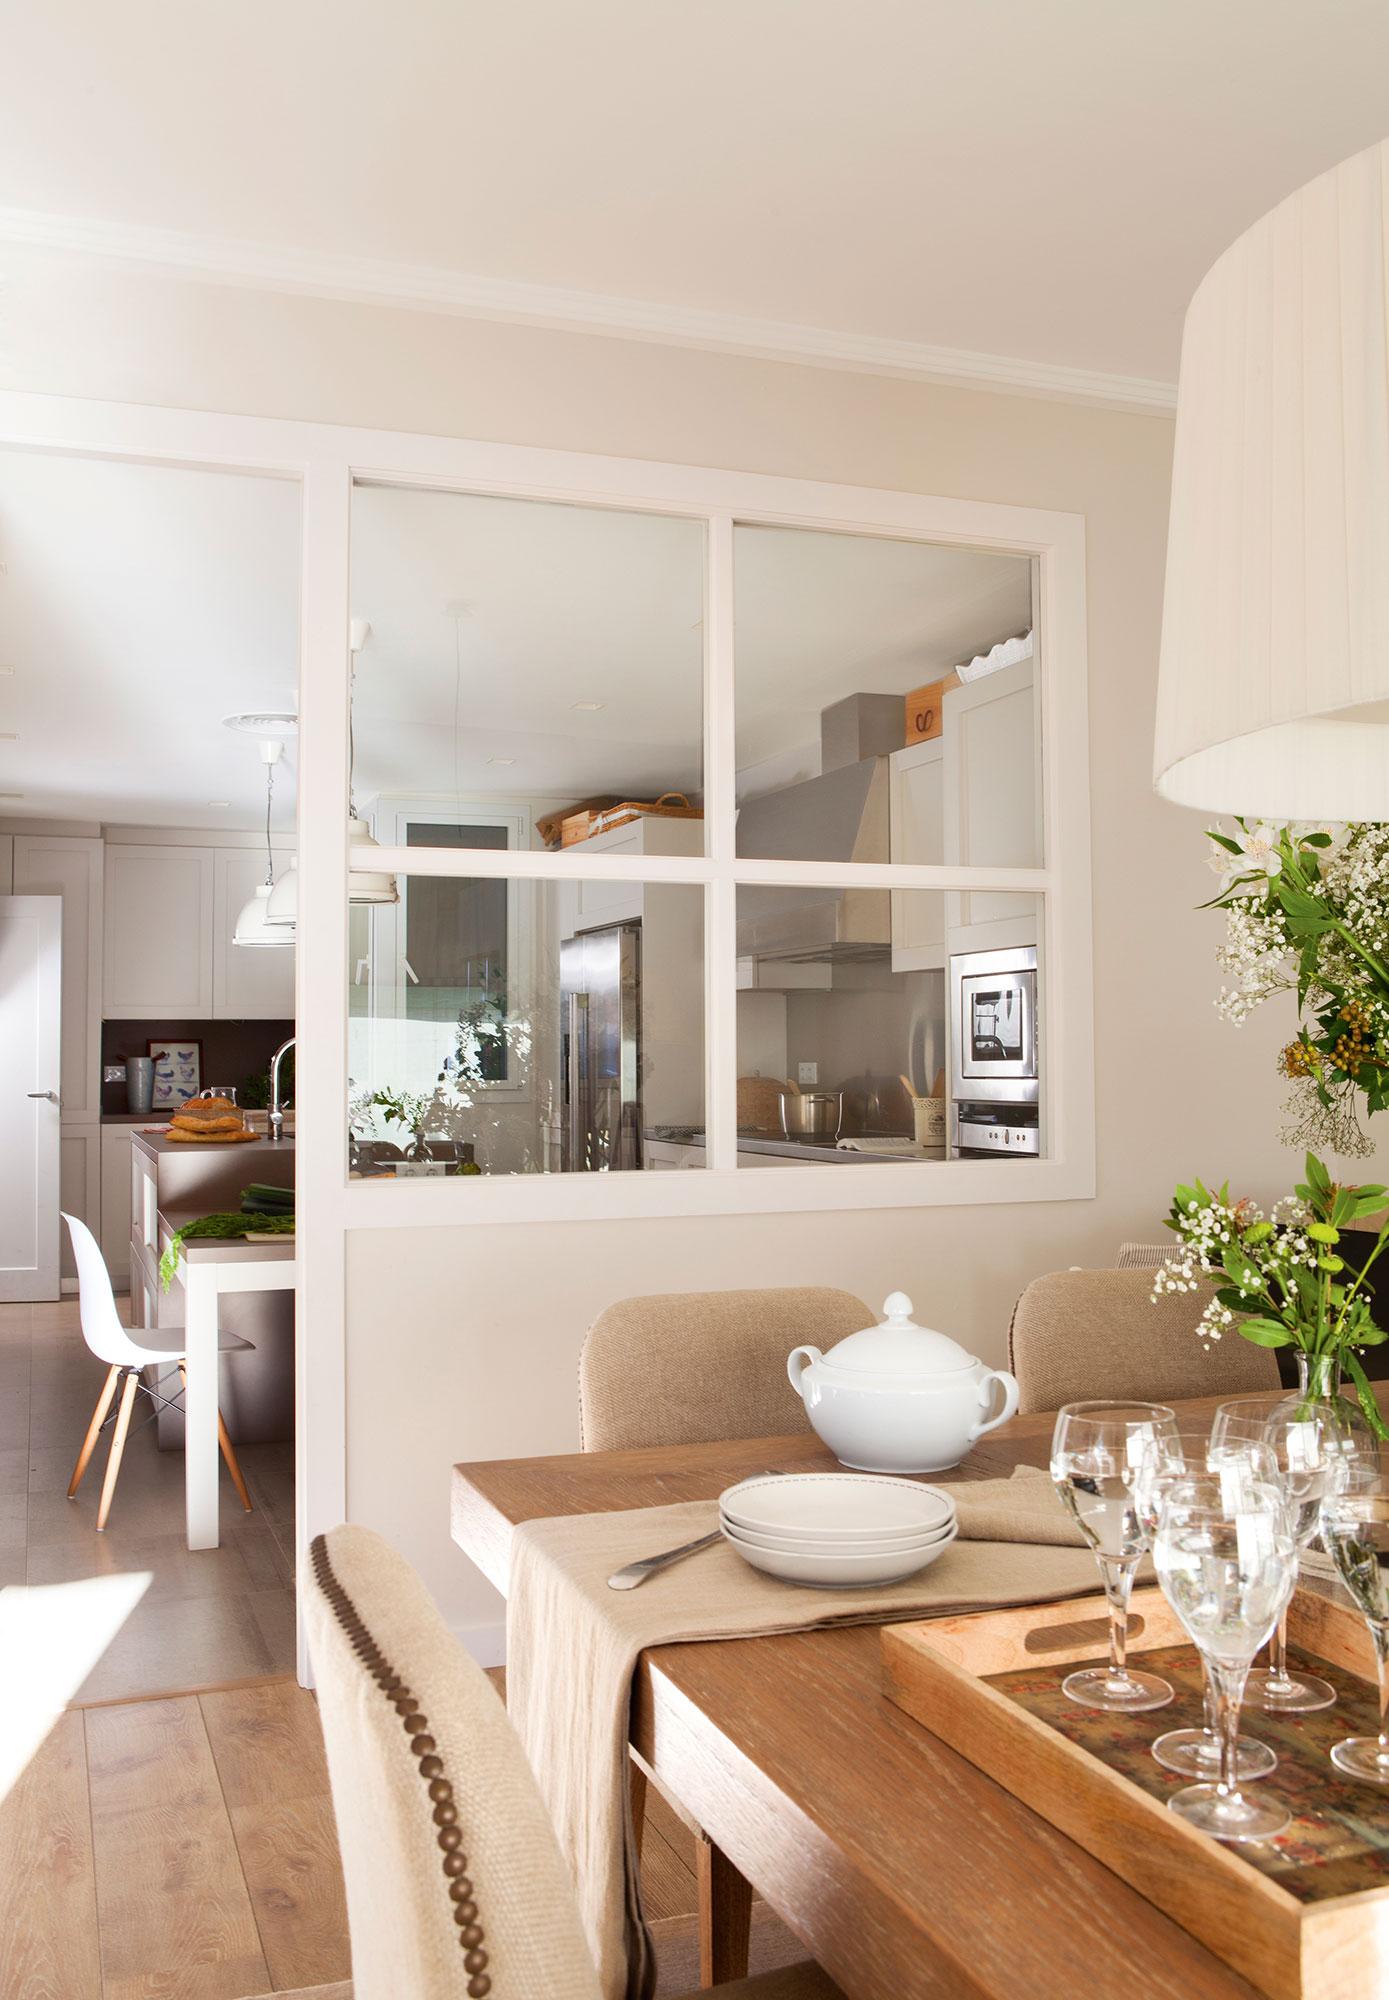 Reformas expr s para renovar tu casa en 48h - Reformas en casas ...